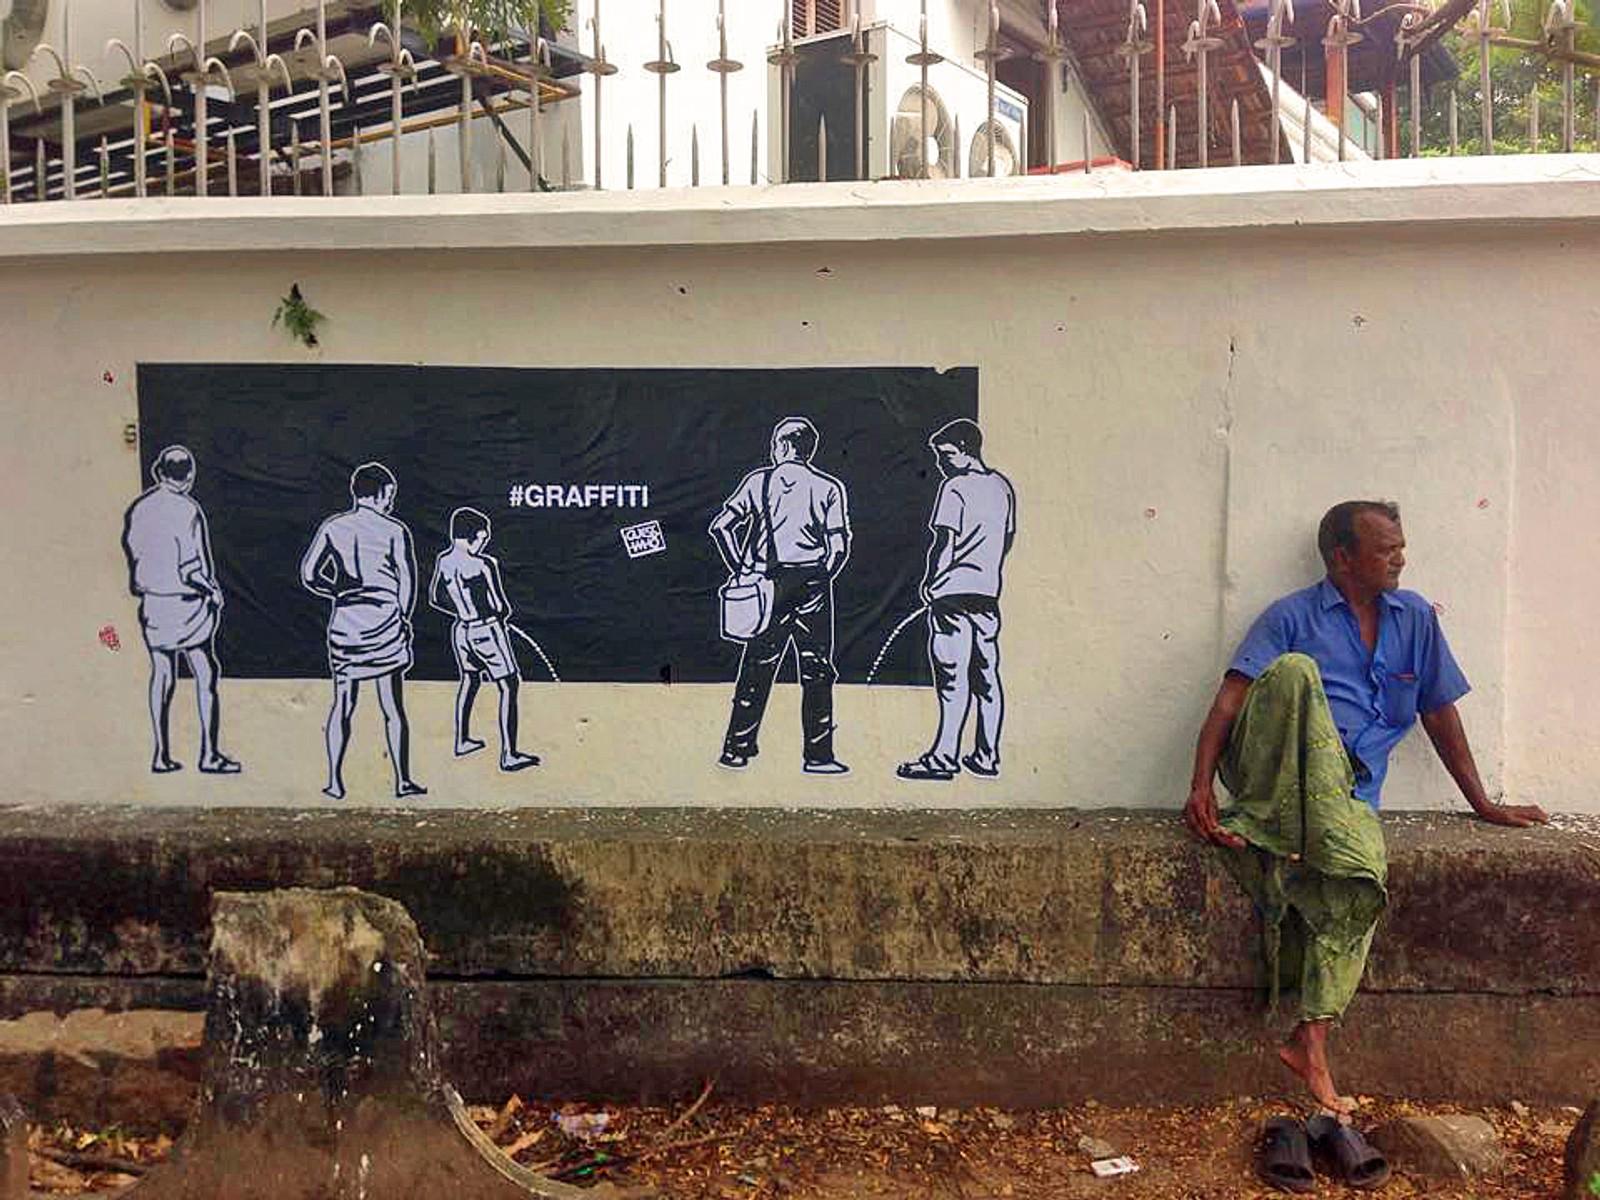 #Graffiti, står det på dette verket.